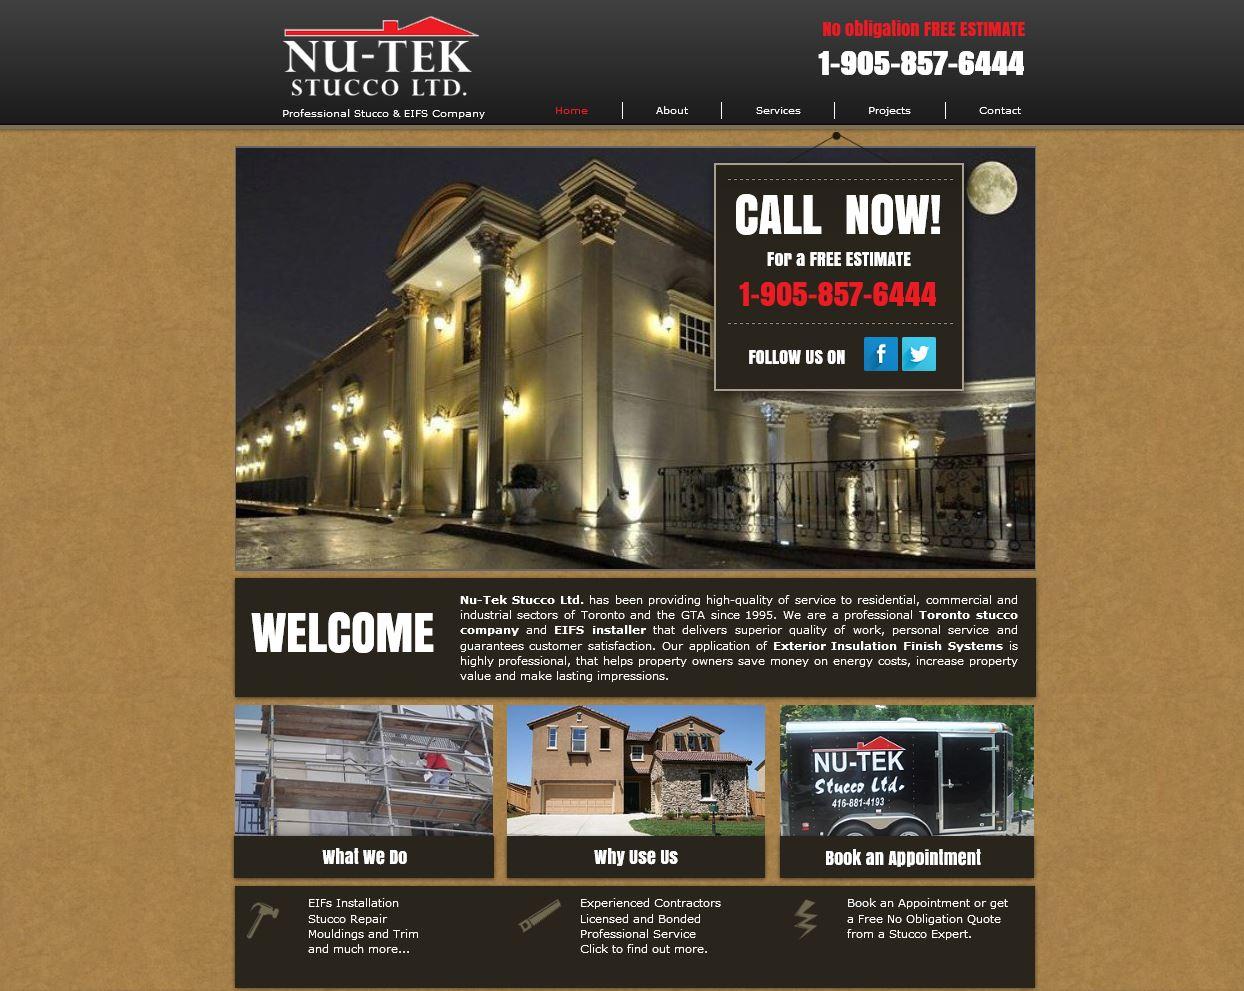 Nu-Tek Stucco Limited